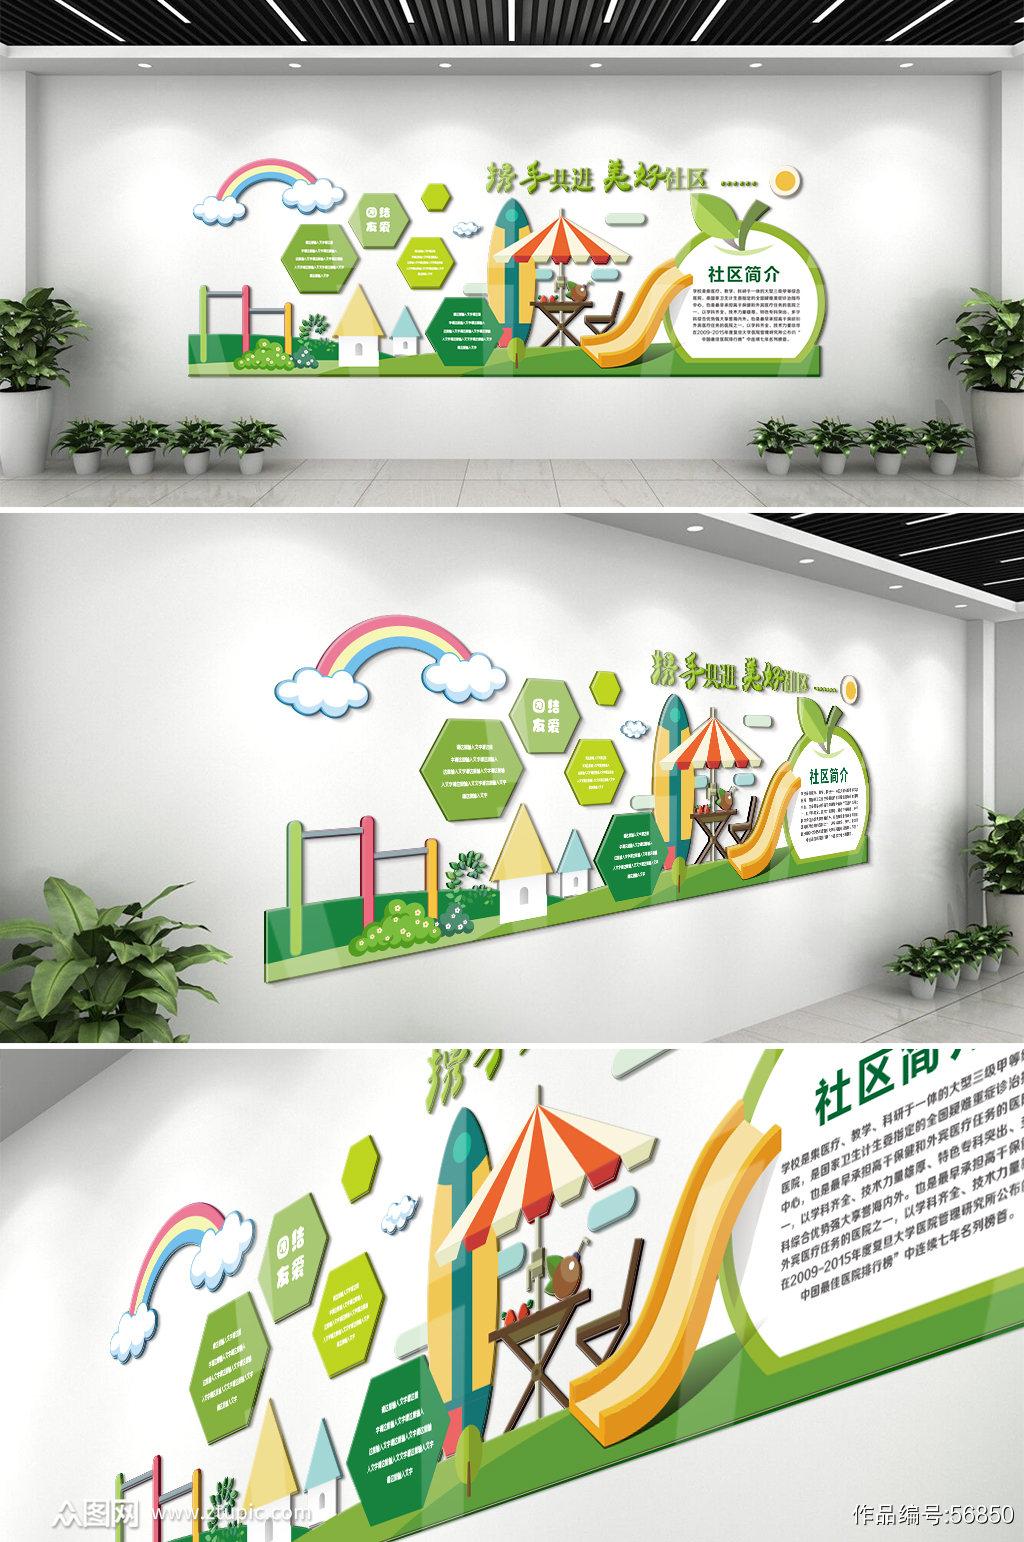 卡通社区文化微立体文化墙素材